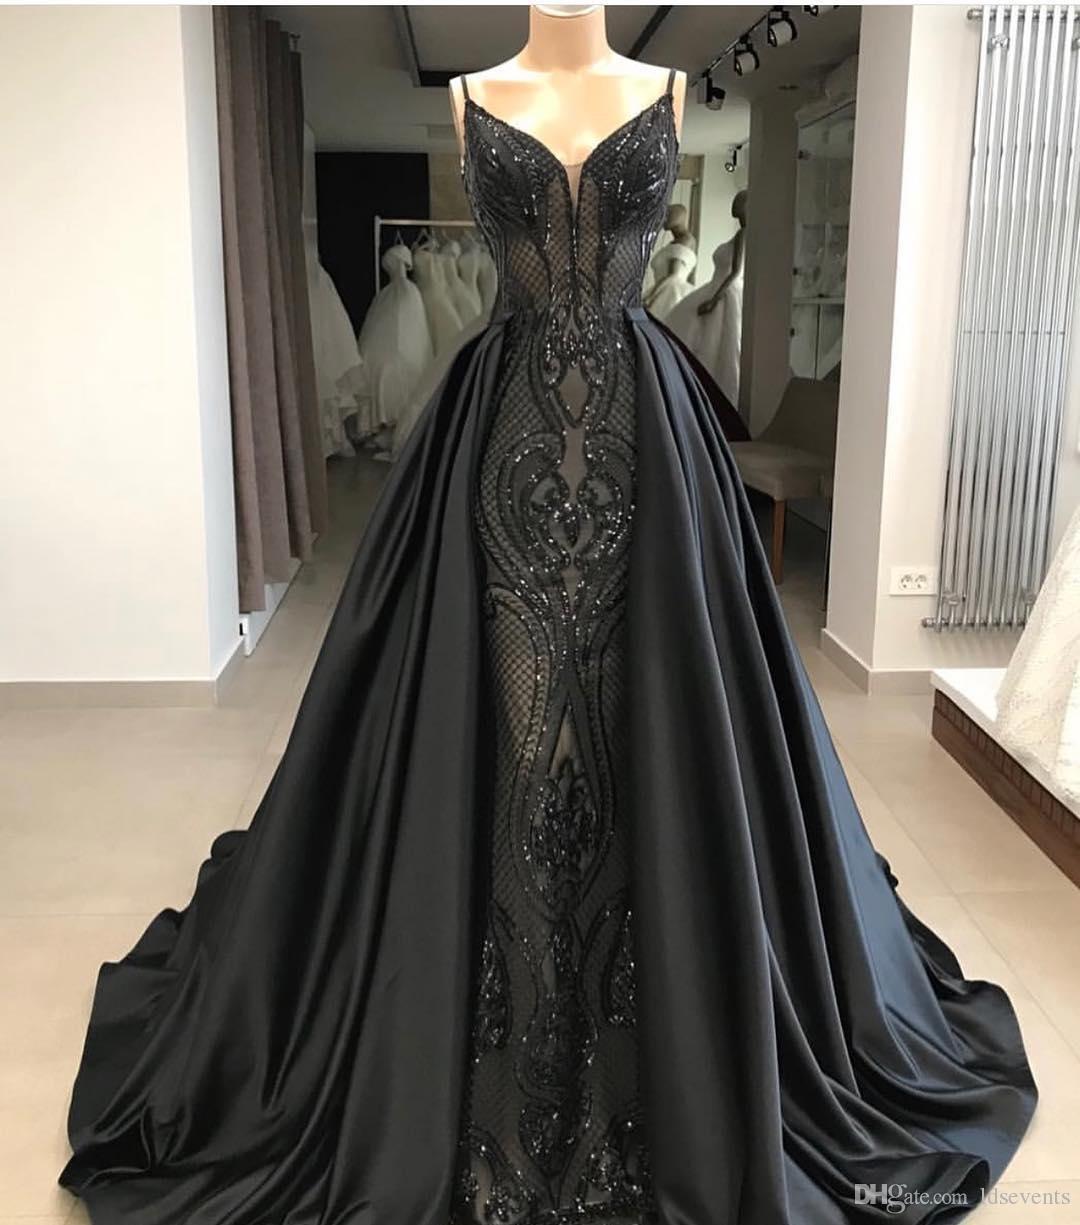 20 Perfekt Abendkleid Türkisch Design15 Großartig Abendkleid Türkisch Stylish